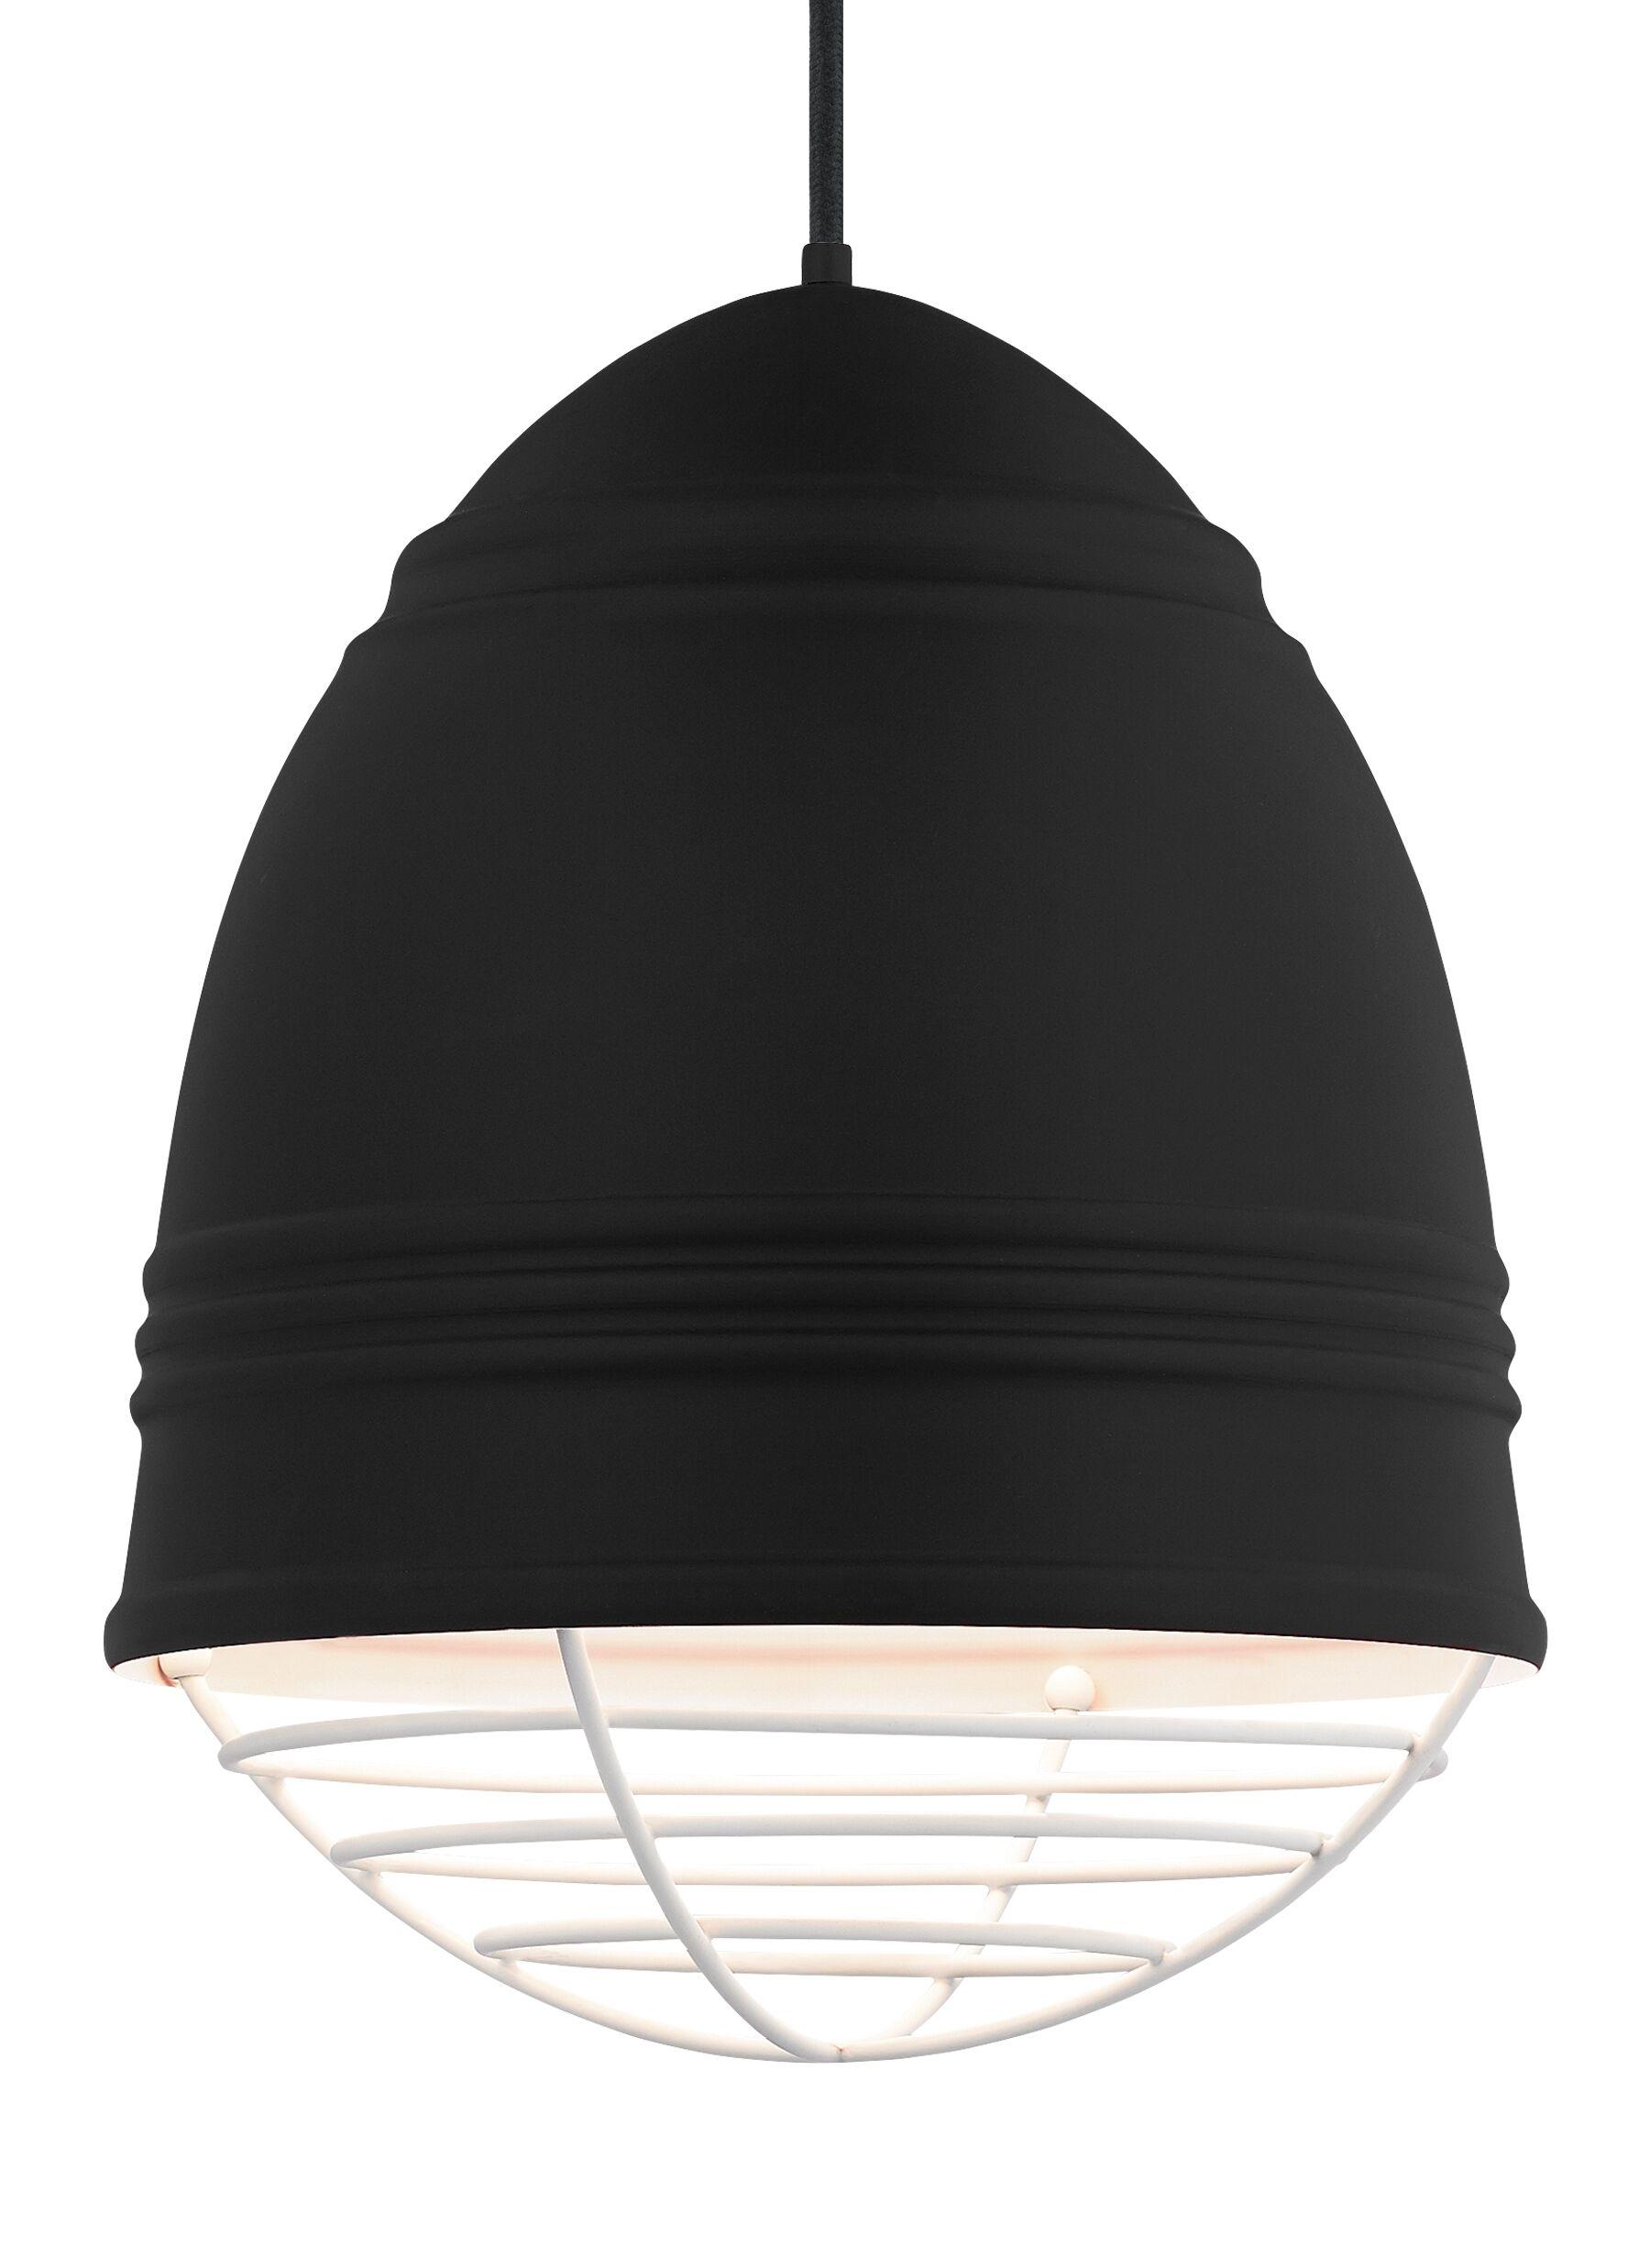 Else 3-Light Bell Pendant Finish: White, Shade Color: Rubberized Black/White Interior